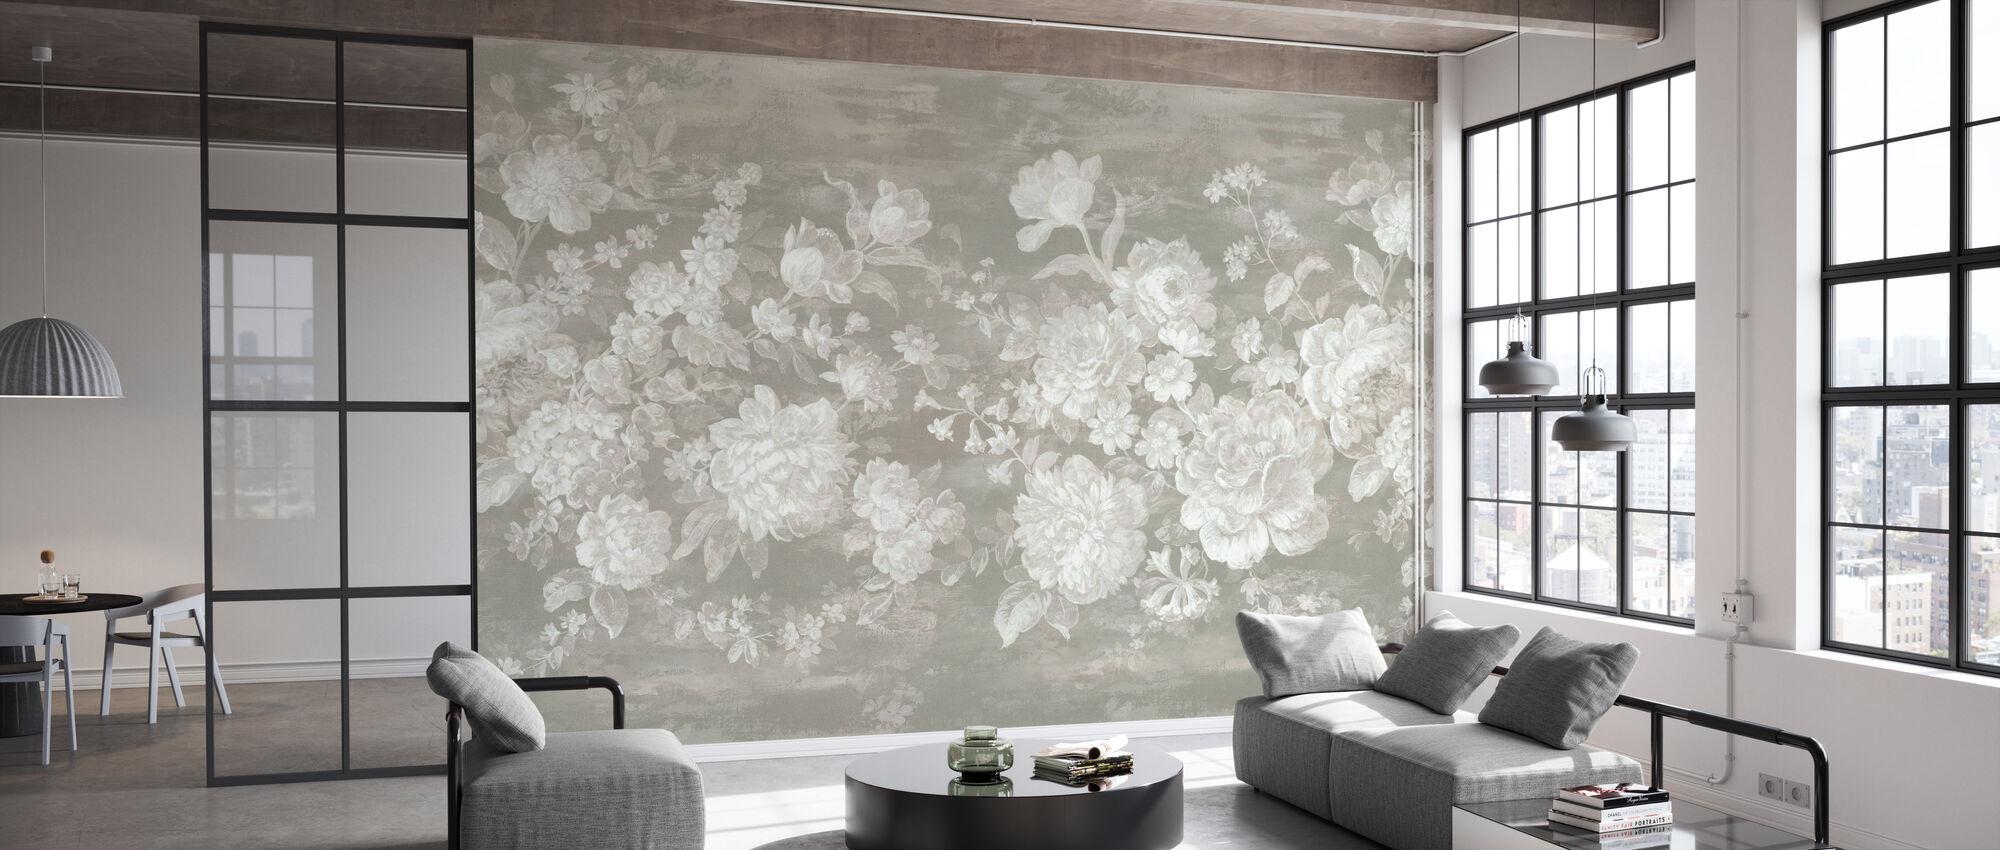 Florian - Wallpaper - Office